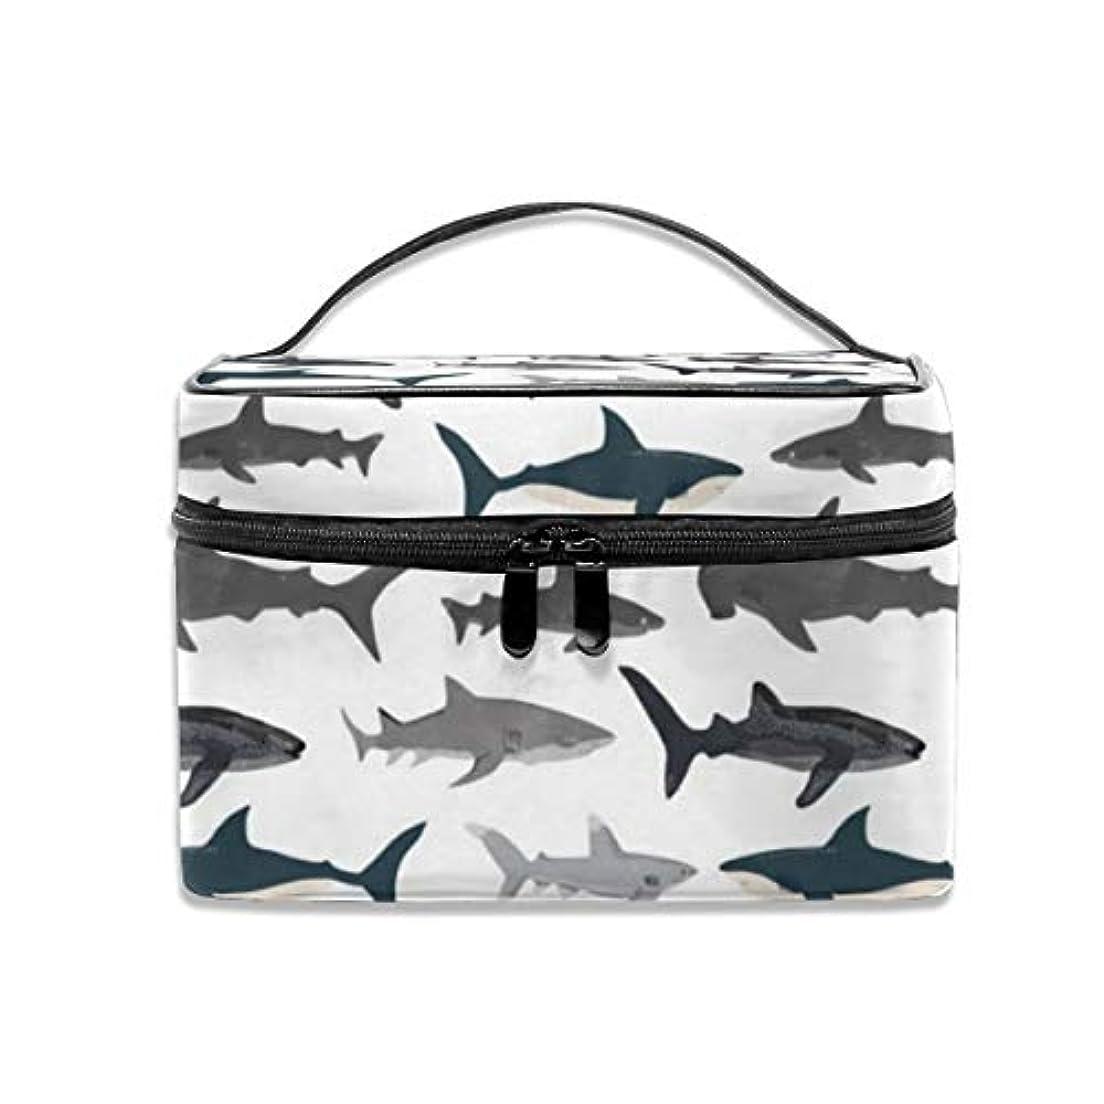 同等の自殺偽造サメ柄 化粧ポーチ 化粧品バッグ 化粧品収納バッグ 収納バッグ 防水ウォッシュバッグ ポータブル 持ち運び便利 大容量 軽量 ユニセックス 旅行する